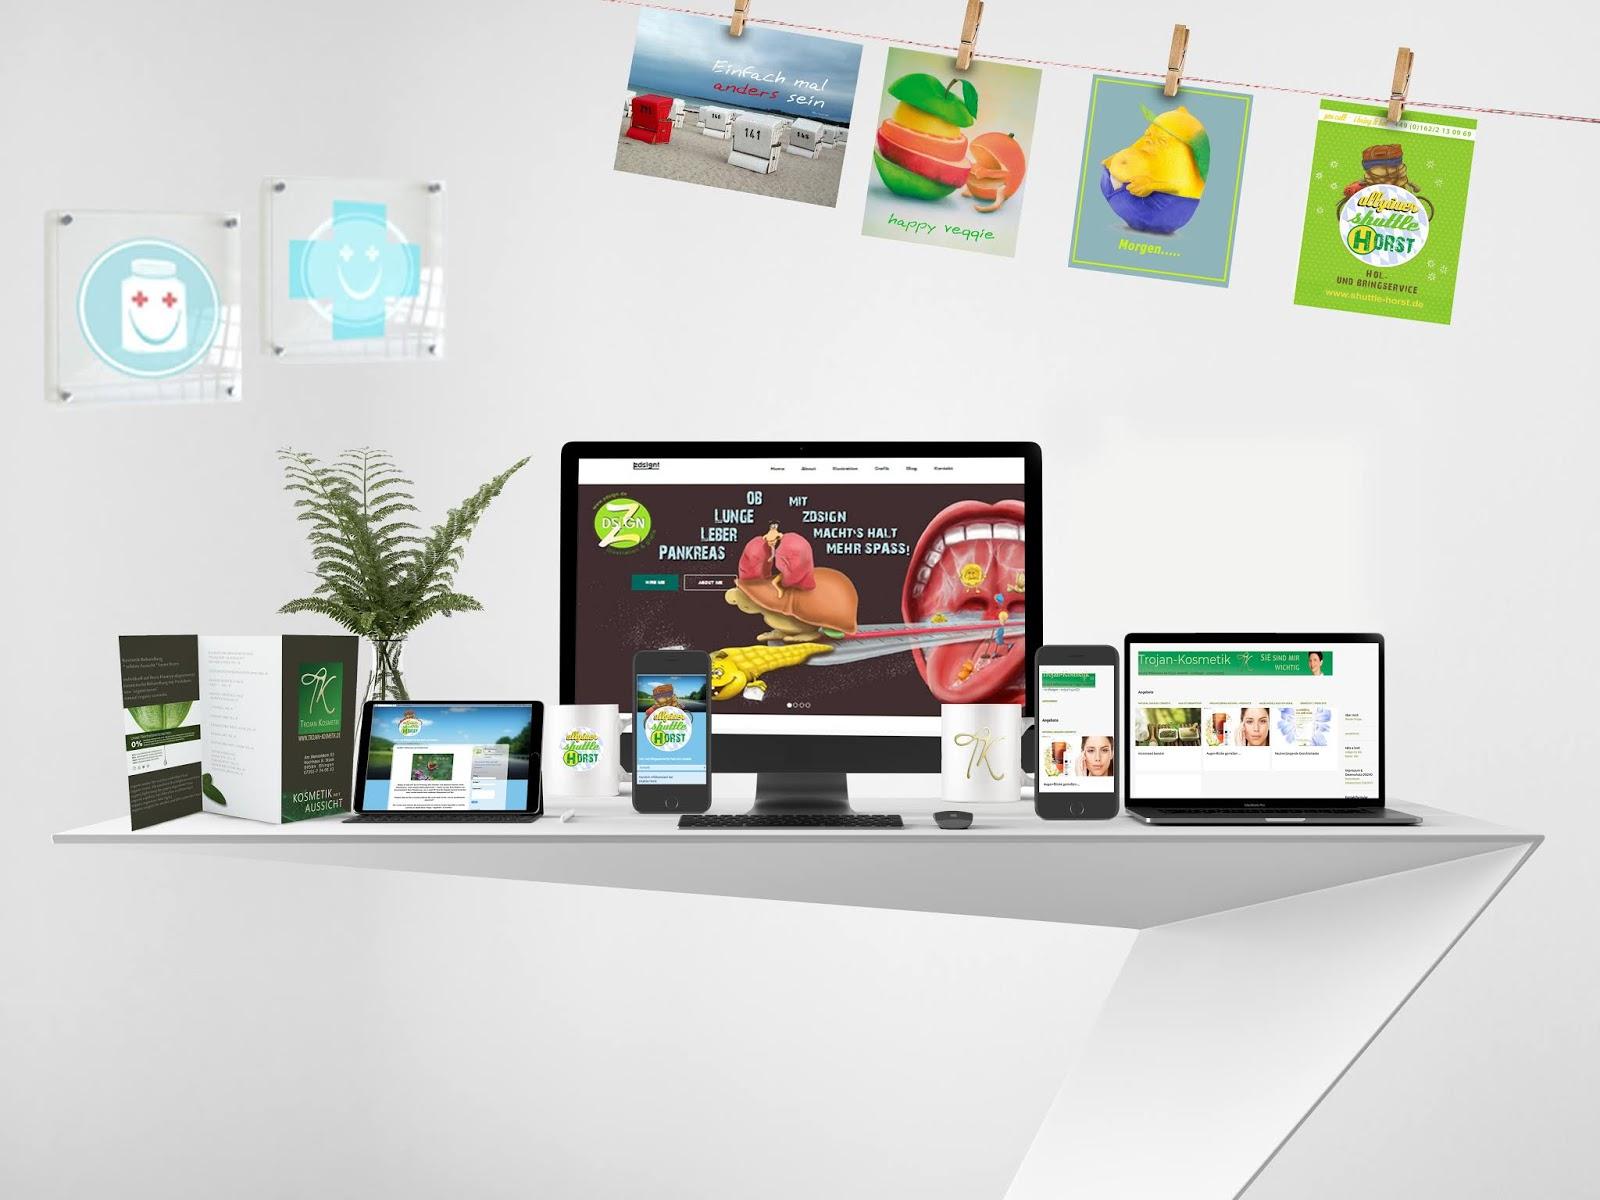 übersicht-über-zdsign-produkte-wie-flyer-karten-homepagegestaltung-und-mehr